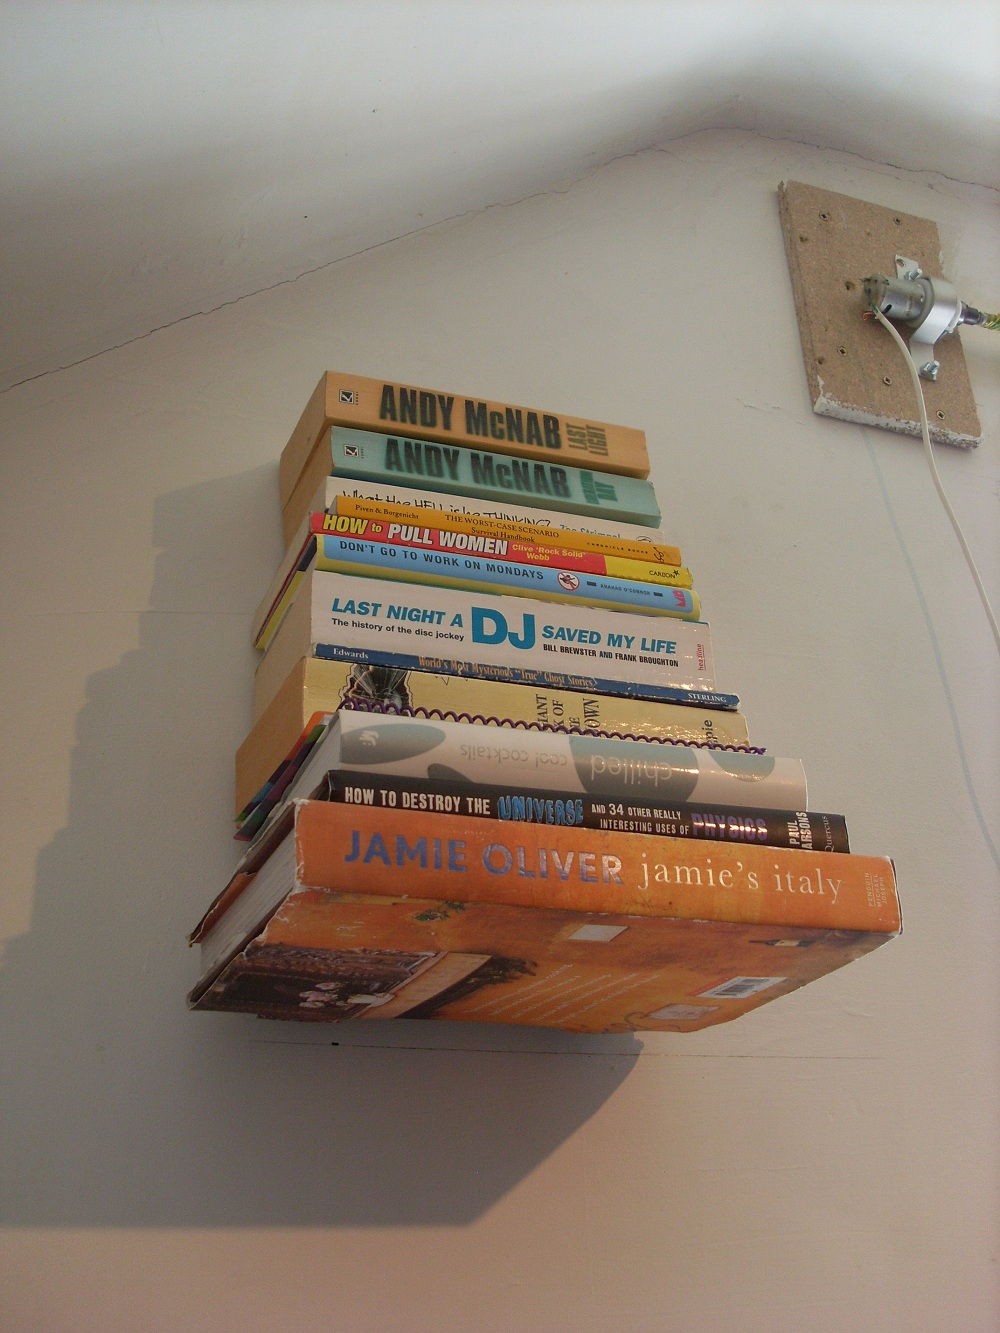 Invisible 'floating' bookshelf